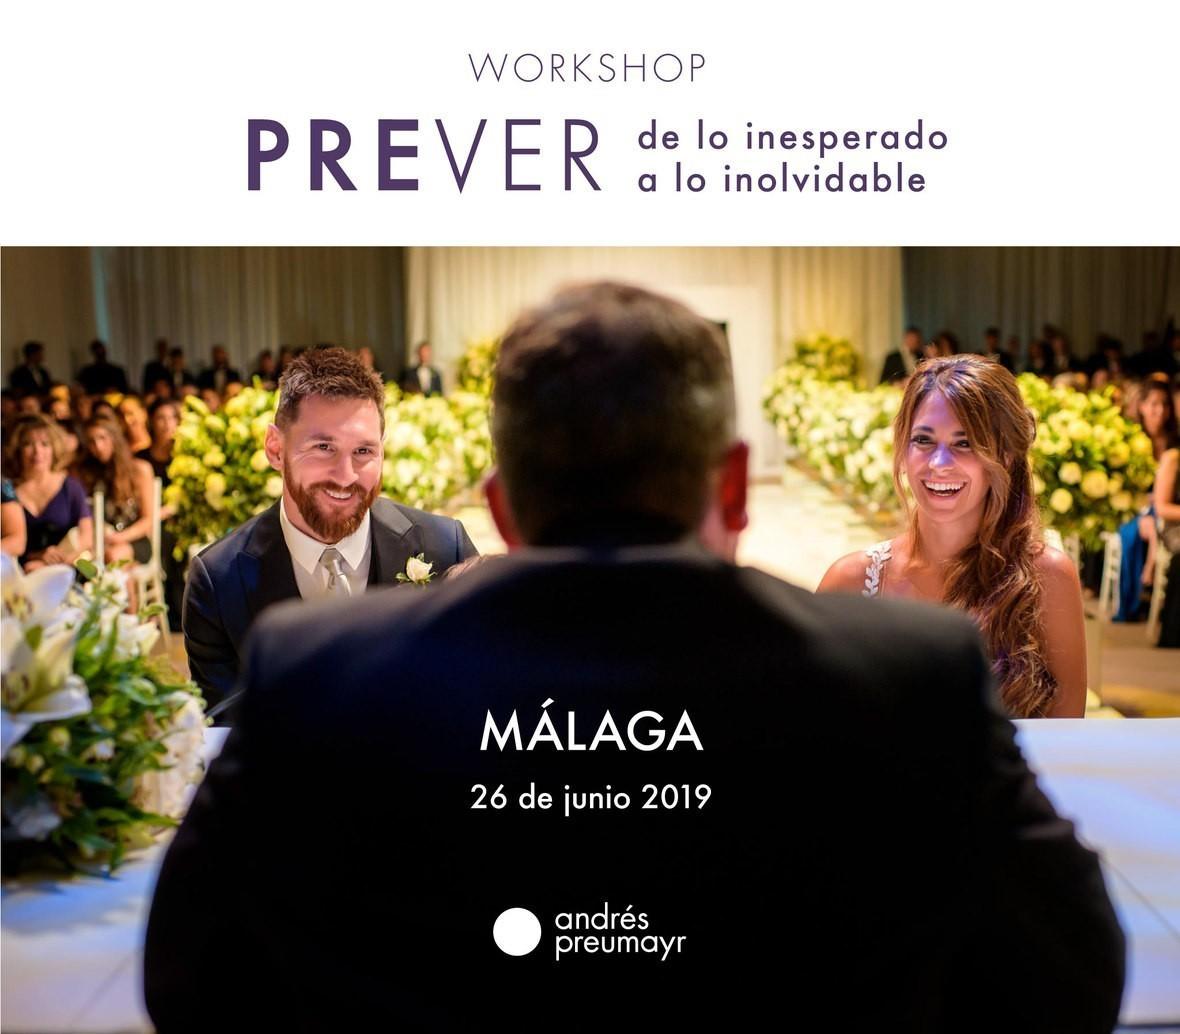 Workshop PREVER de lo Inesperado a lo inolvidable